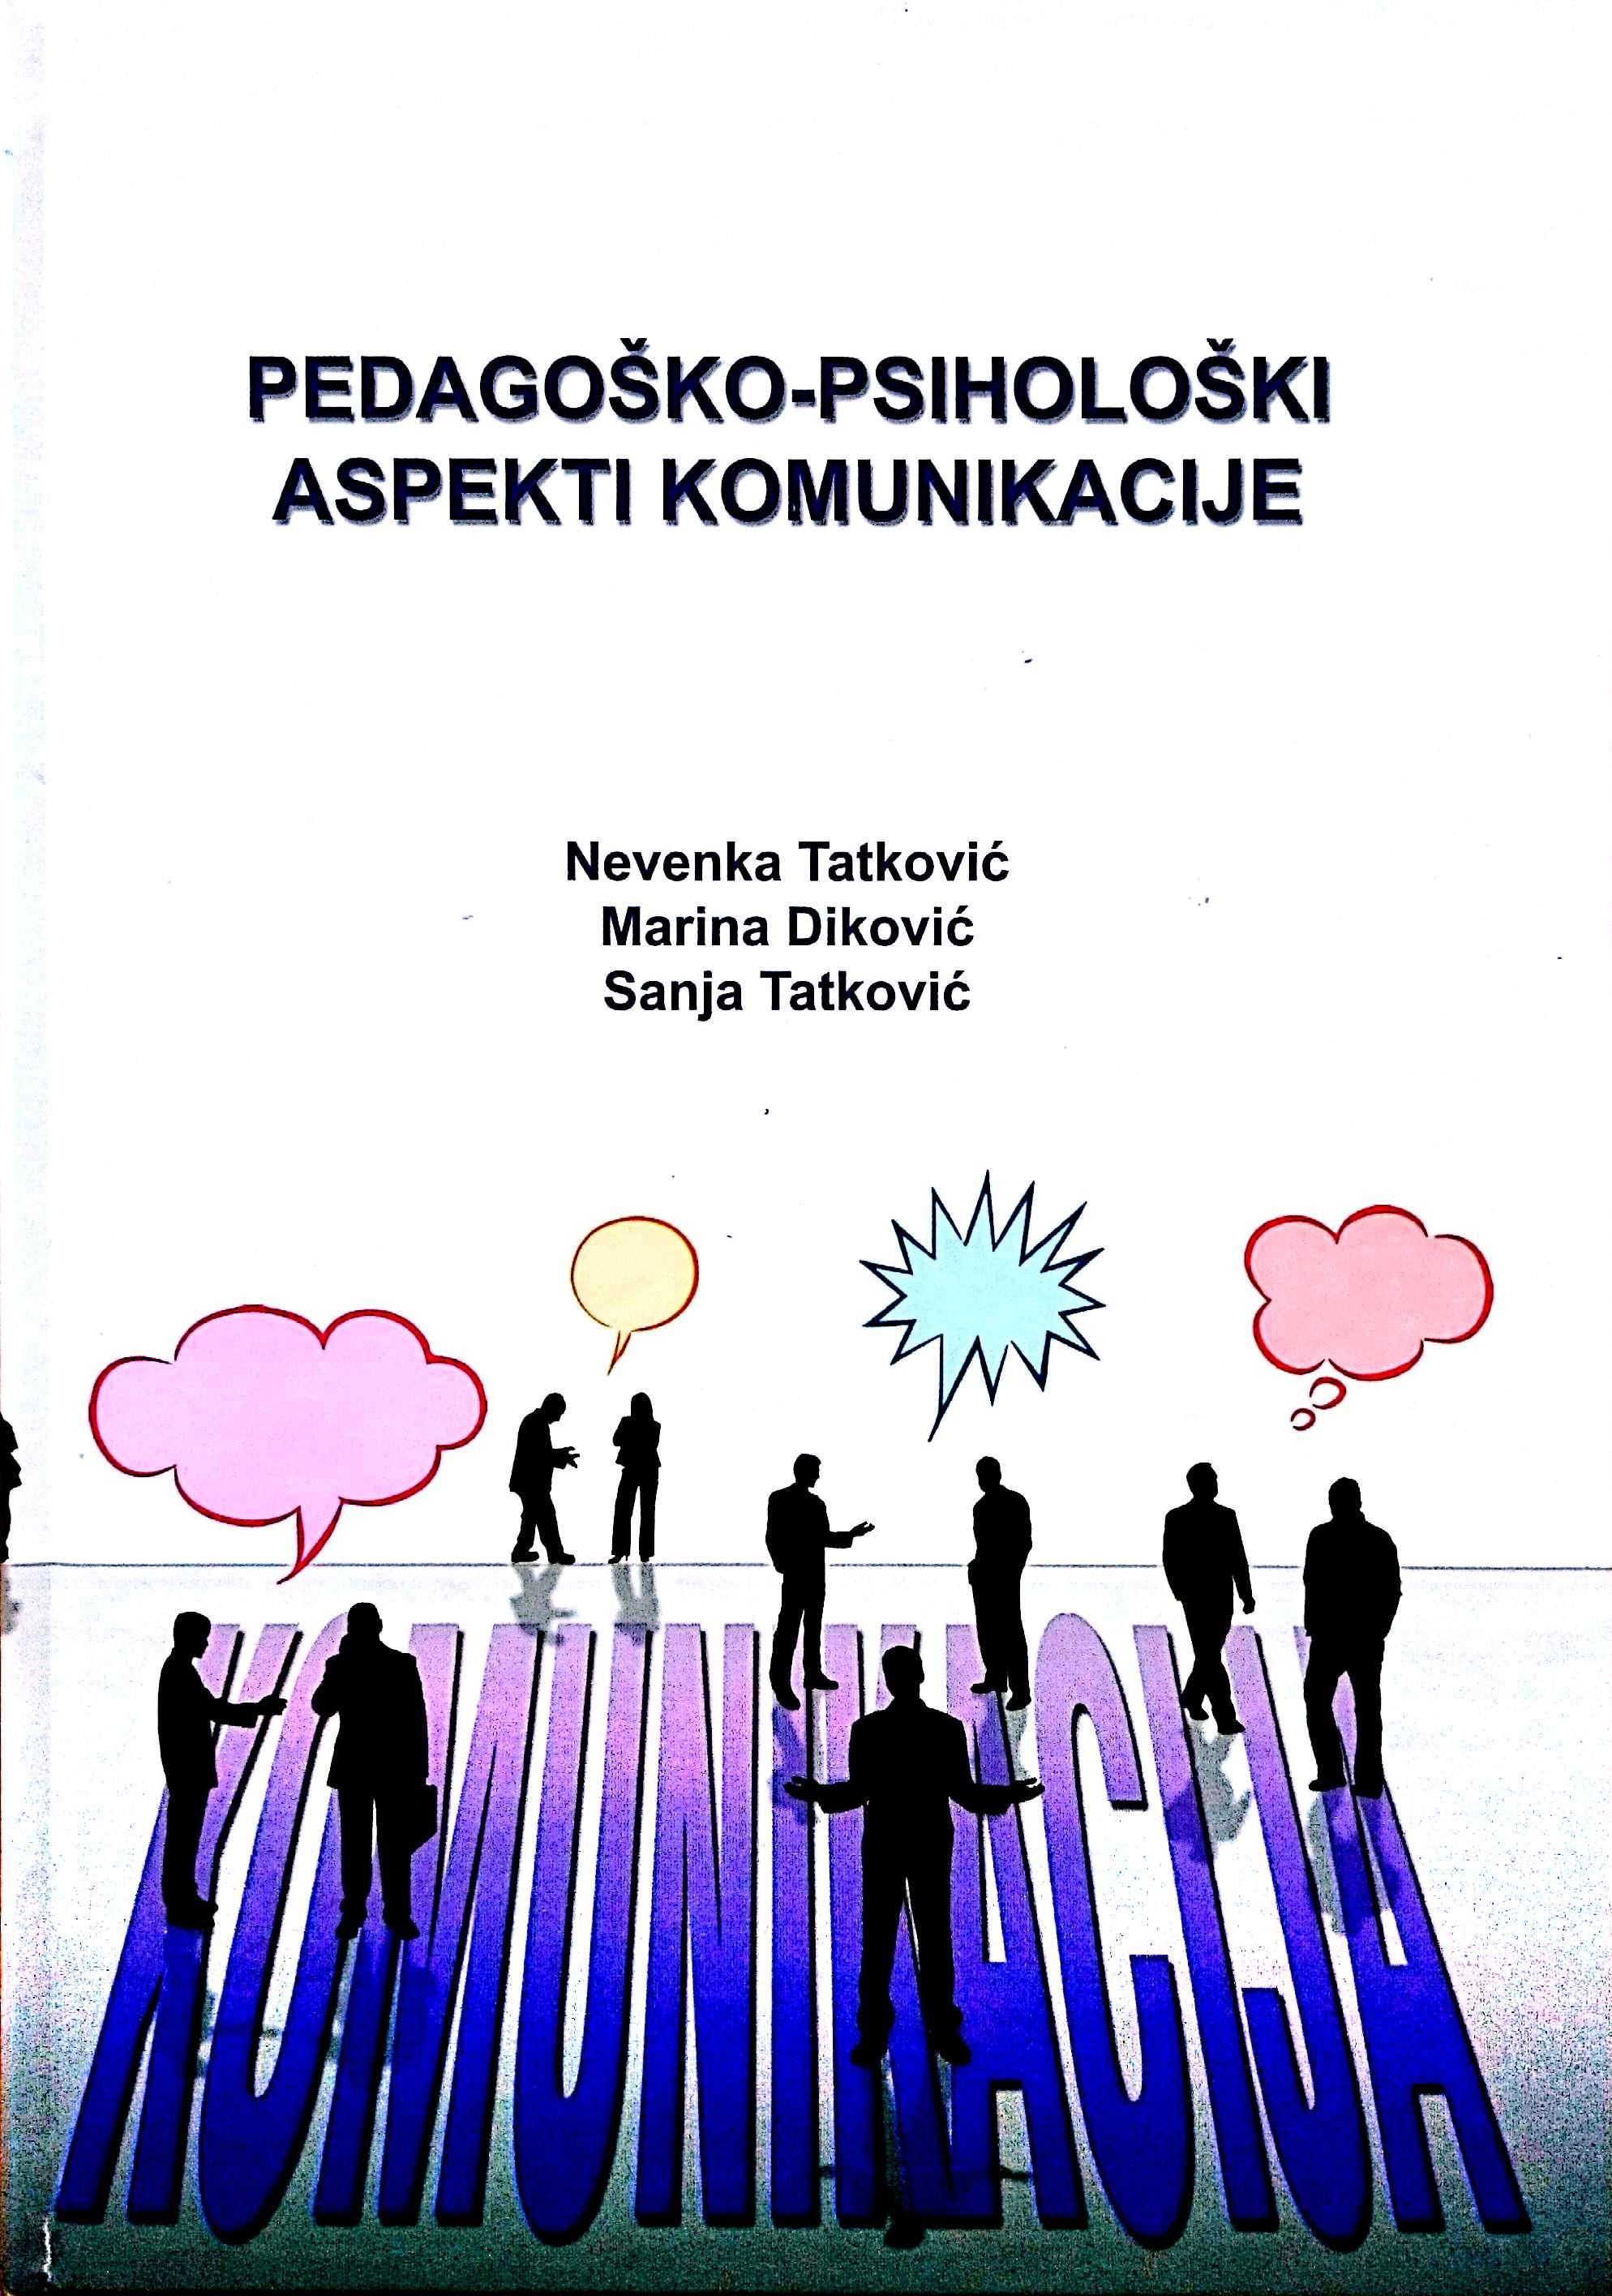 PEDAGOŠKO-PSIHOLOŠKI ASPEKTI KOMUNIKACIJE - Naruči svoju knjigu